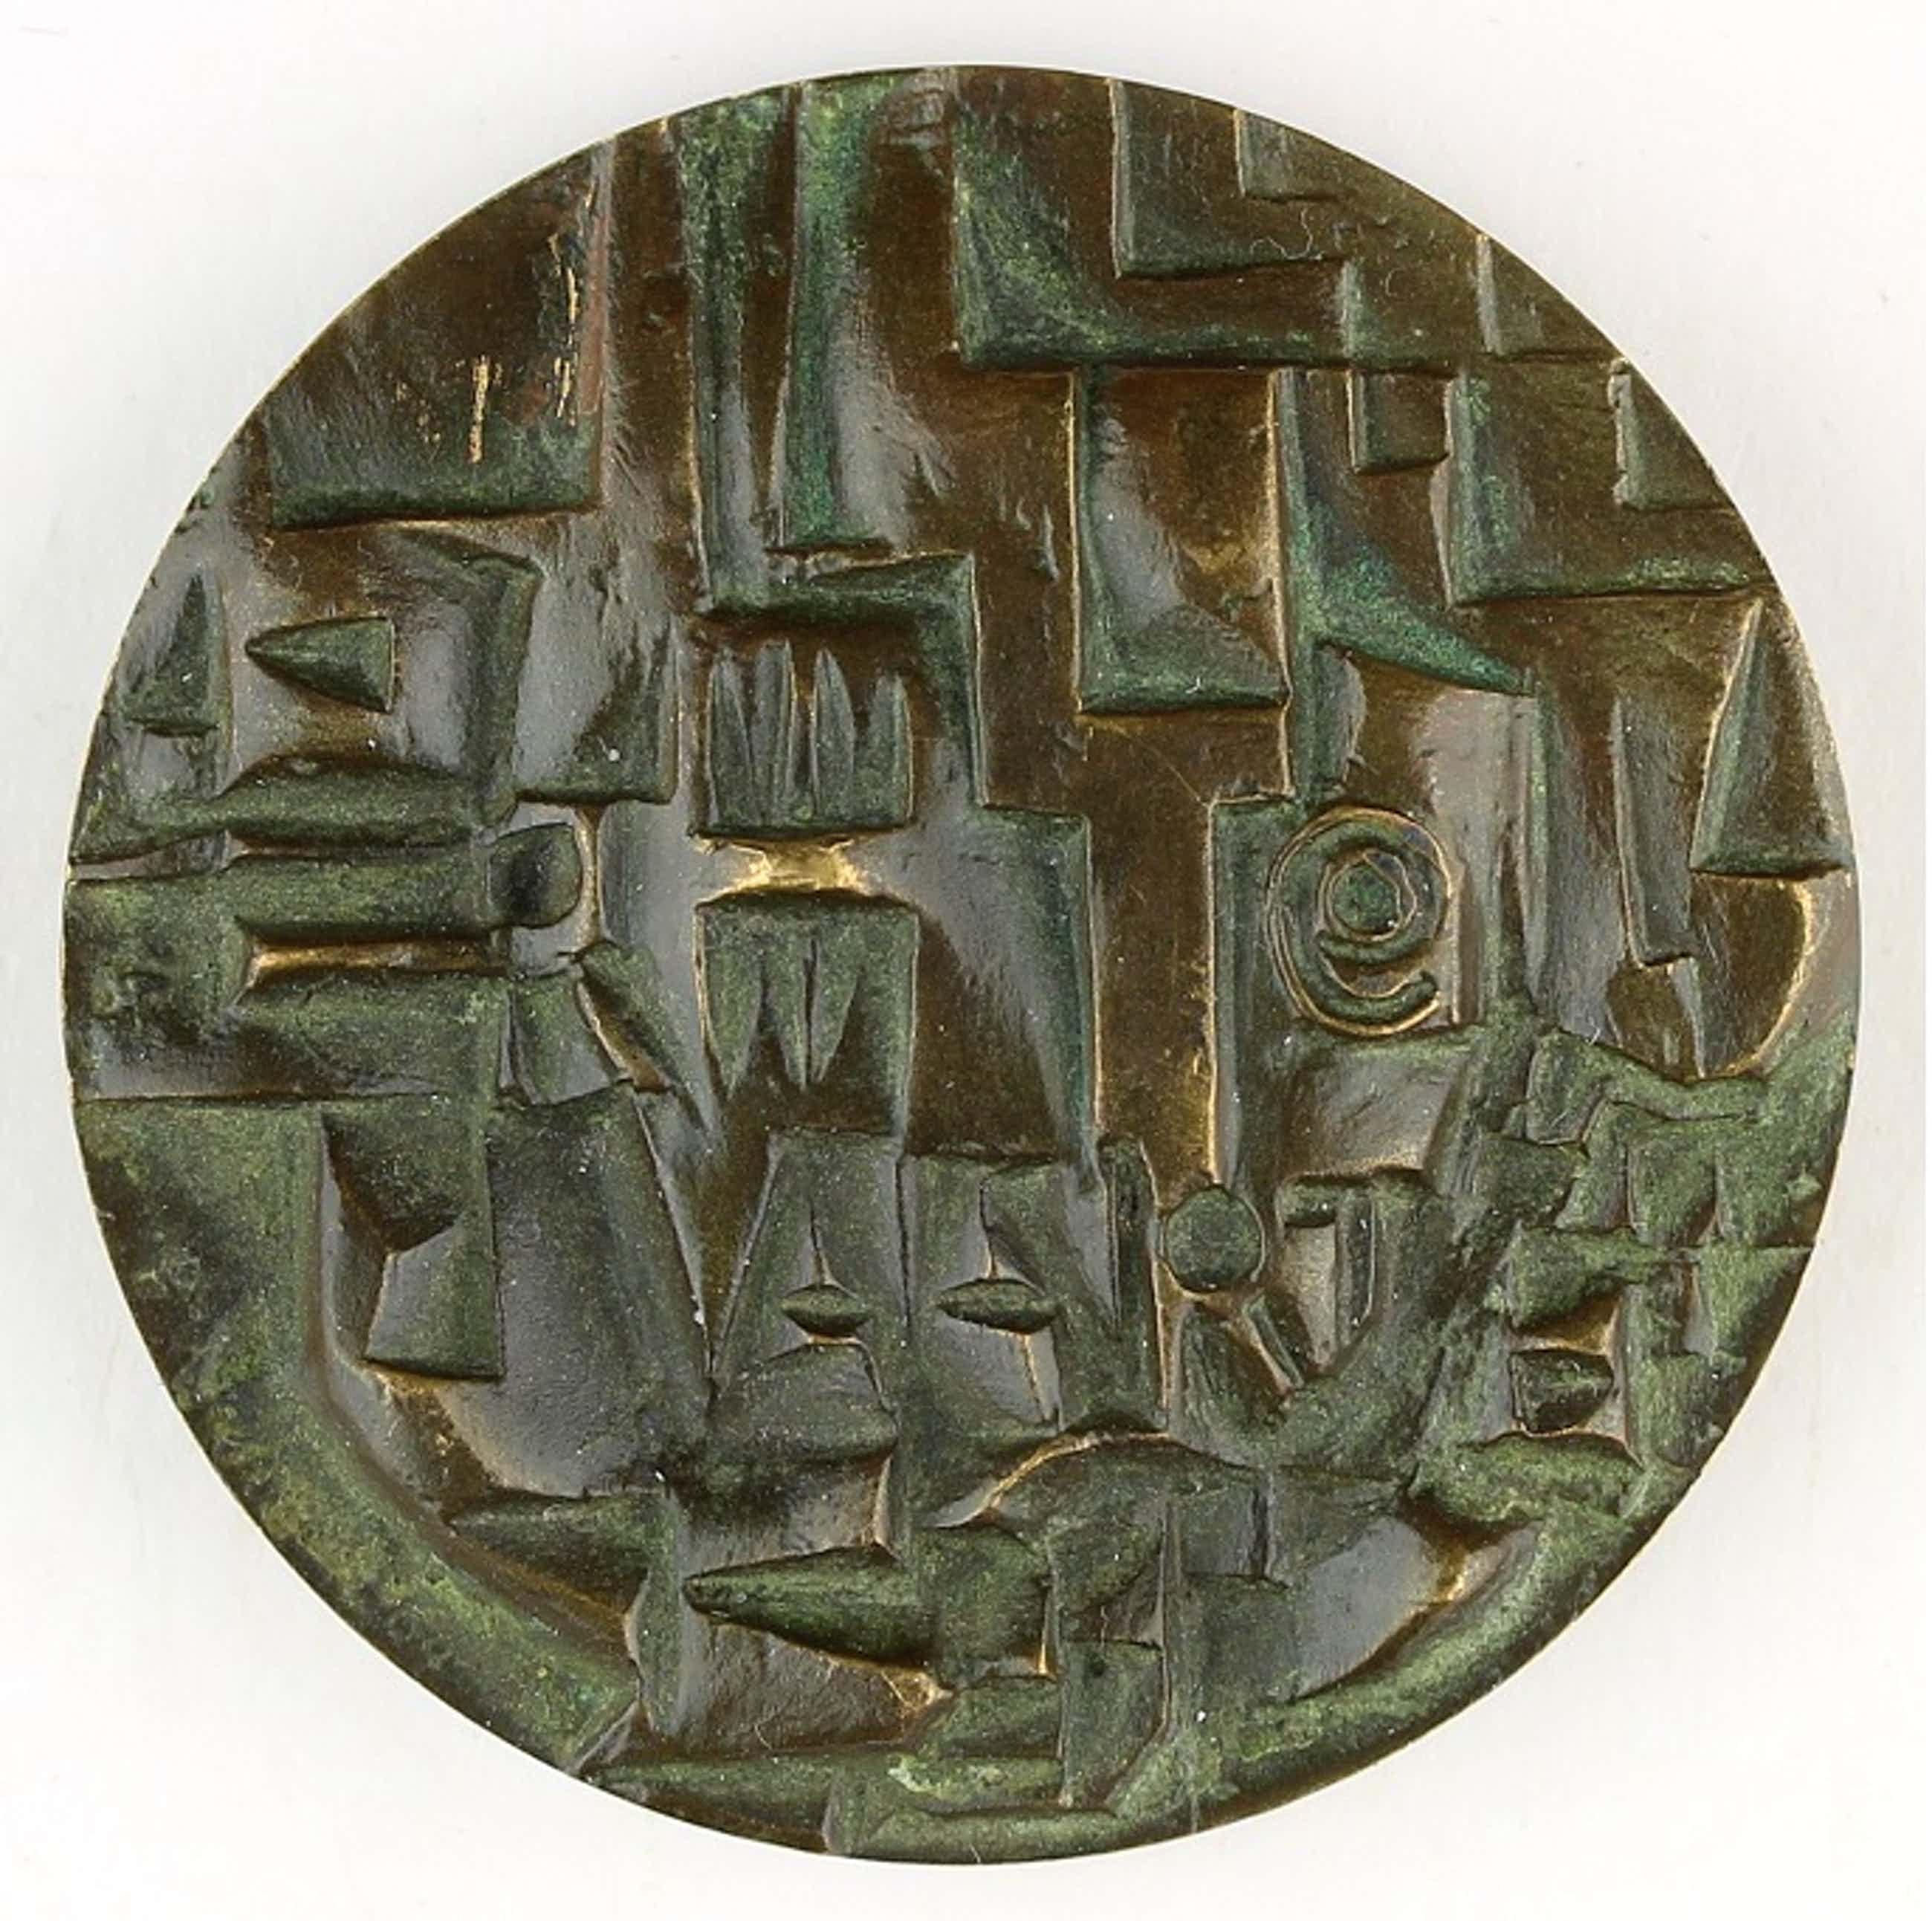 Jan Snoeck - Bronzen penning: Ruimtevaart, 1964 kopen? Bied vanaf 60!